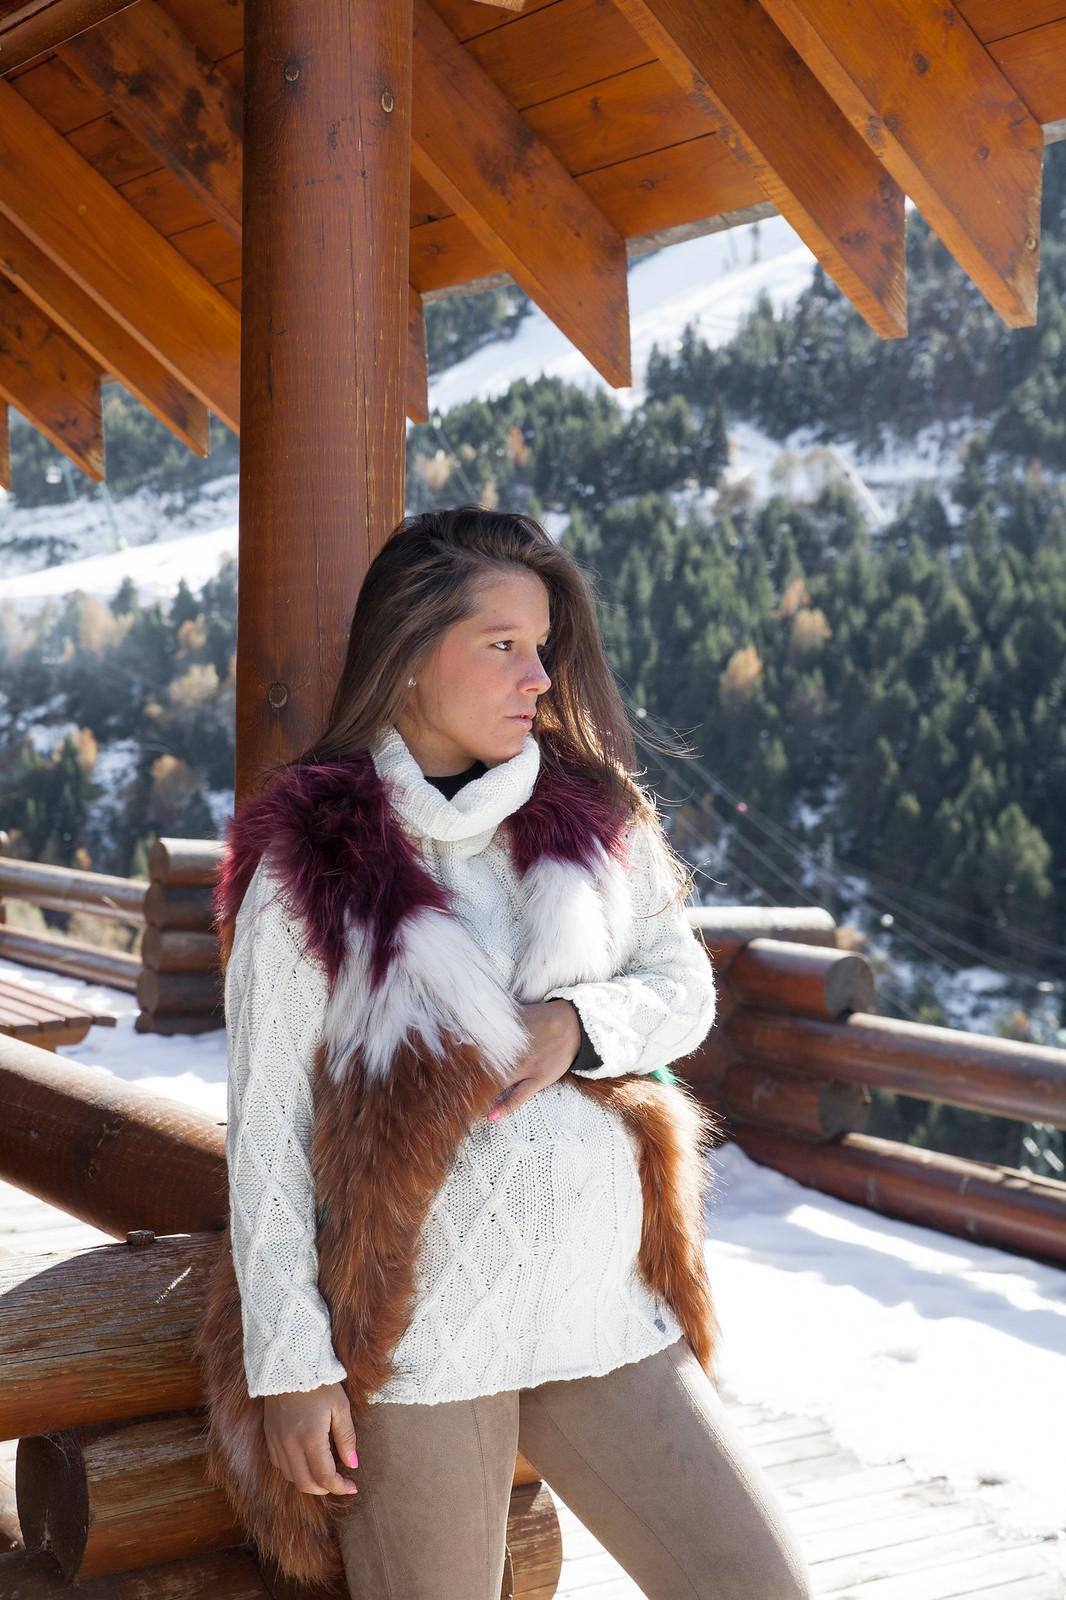 01_5_claves_para_un_look_apres_ski_tendencia_invierno_outfit_embarazada_comodo_nieve_theguestgirl_laura_santolaria_ruga_hpreppy